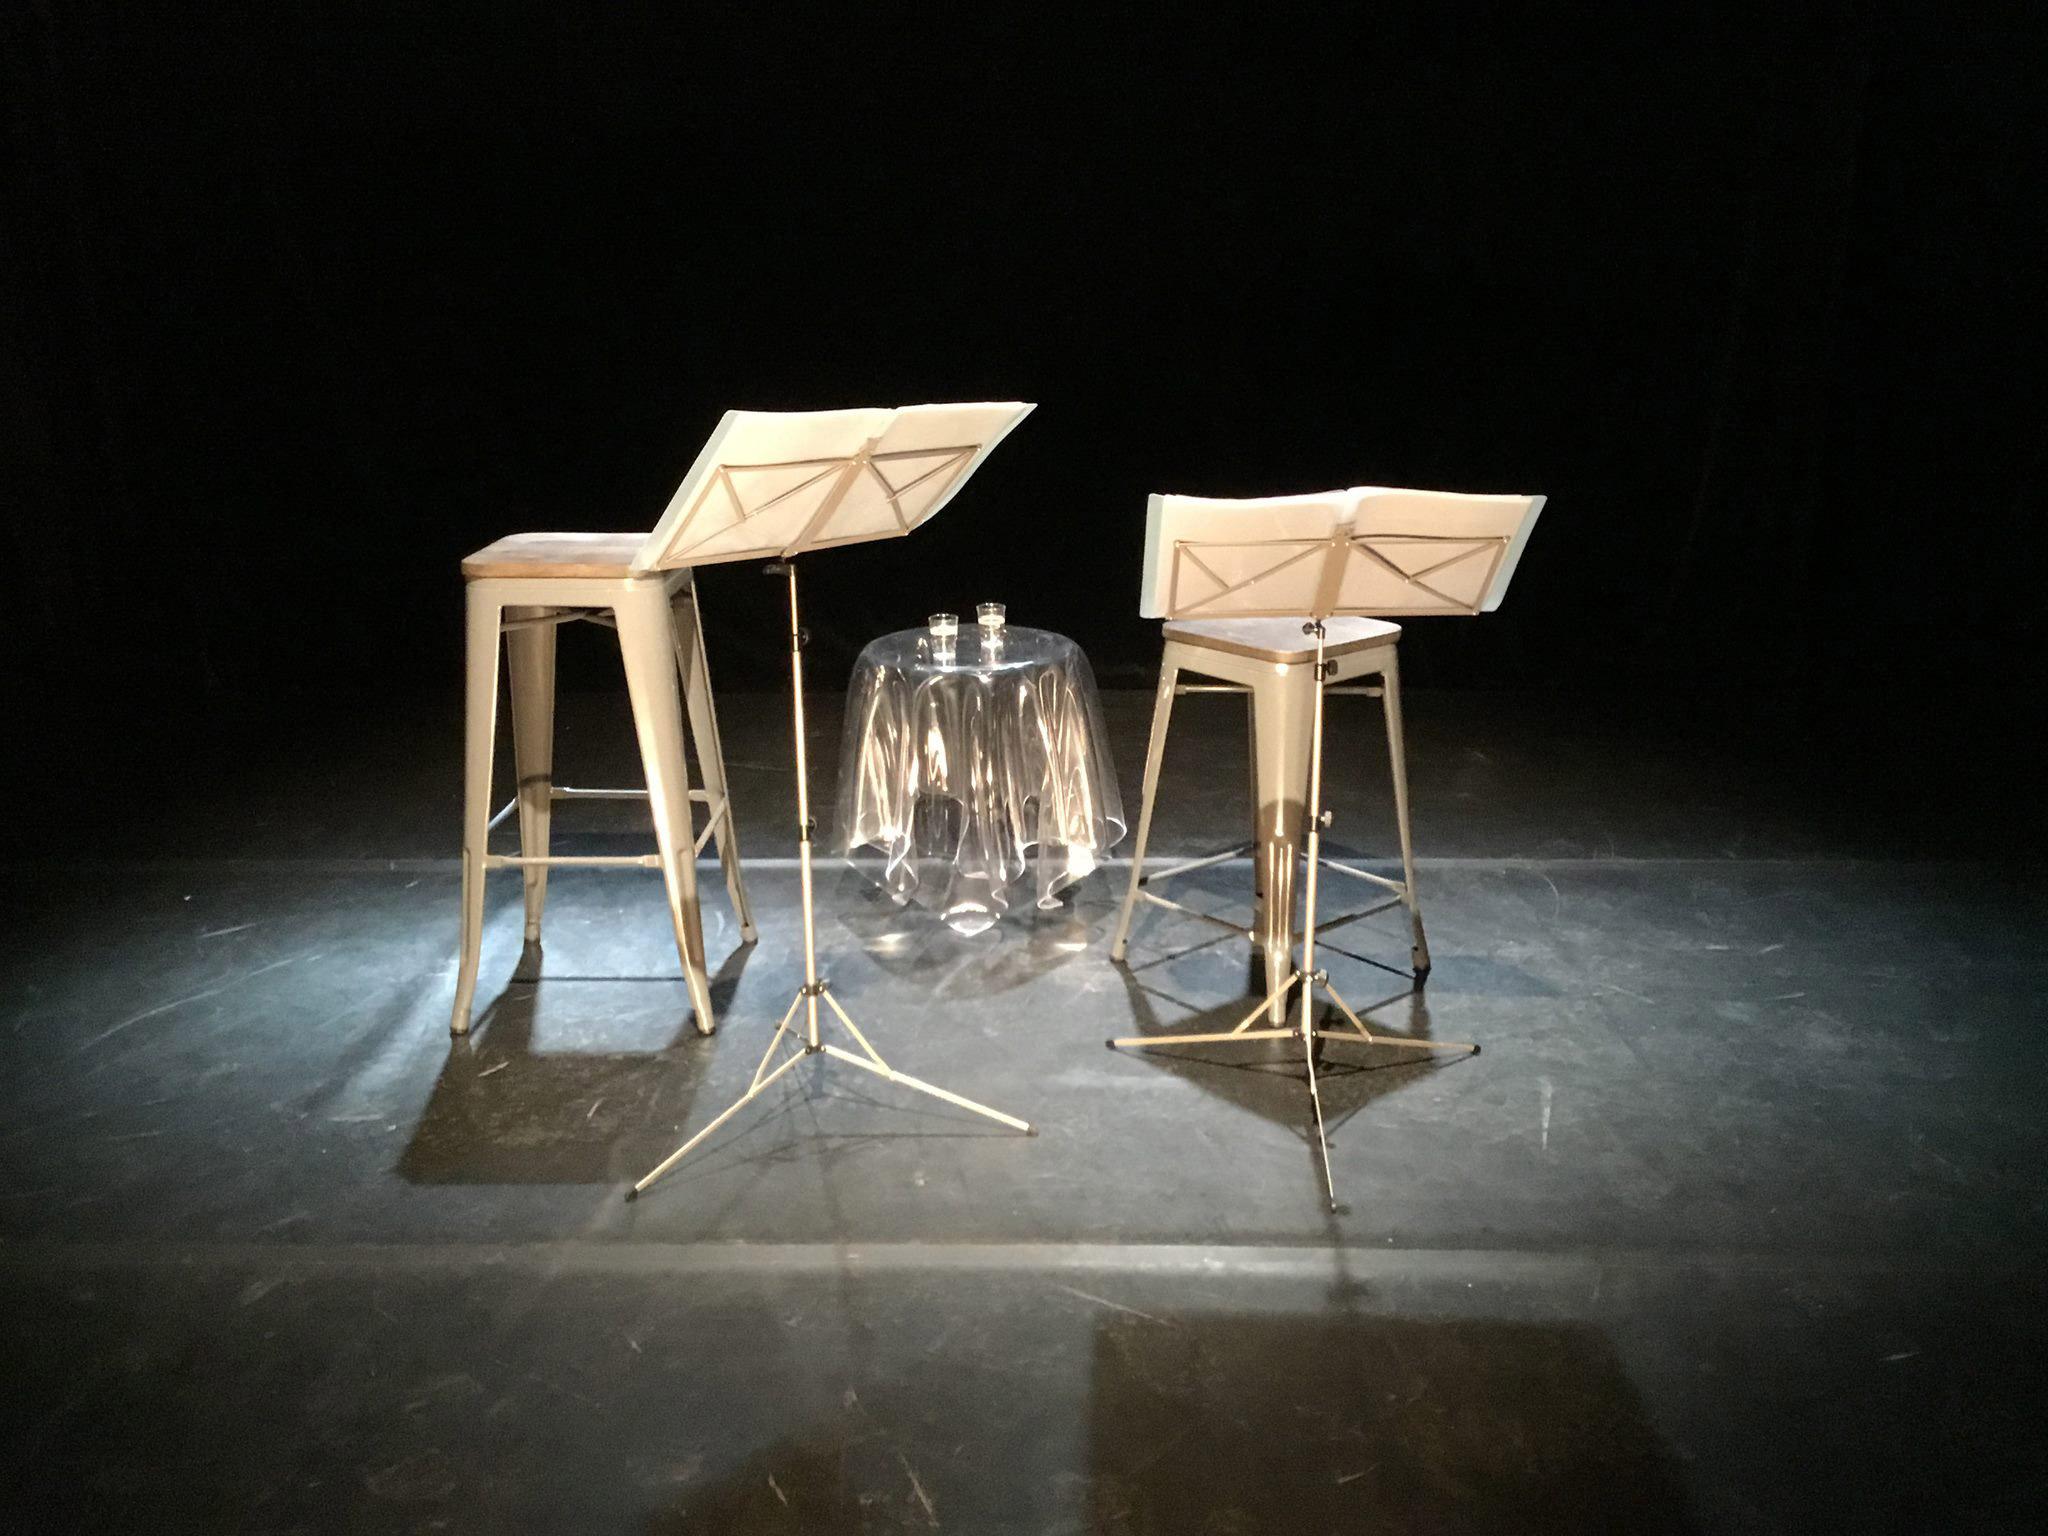 Fantômes - Monique Brun & Thibaud Defever